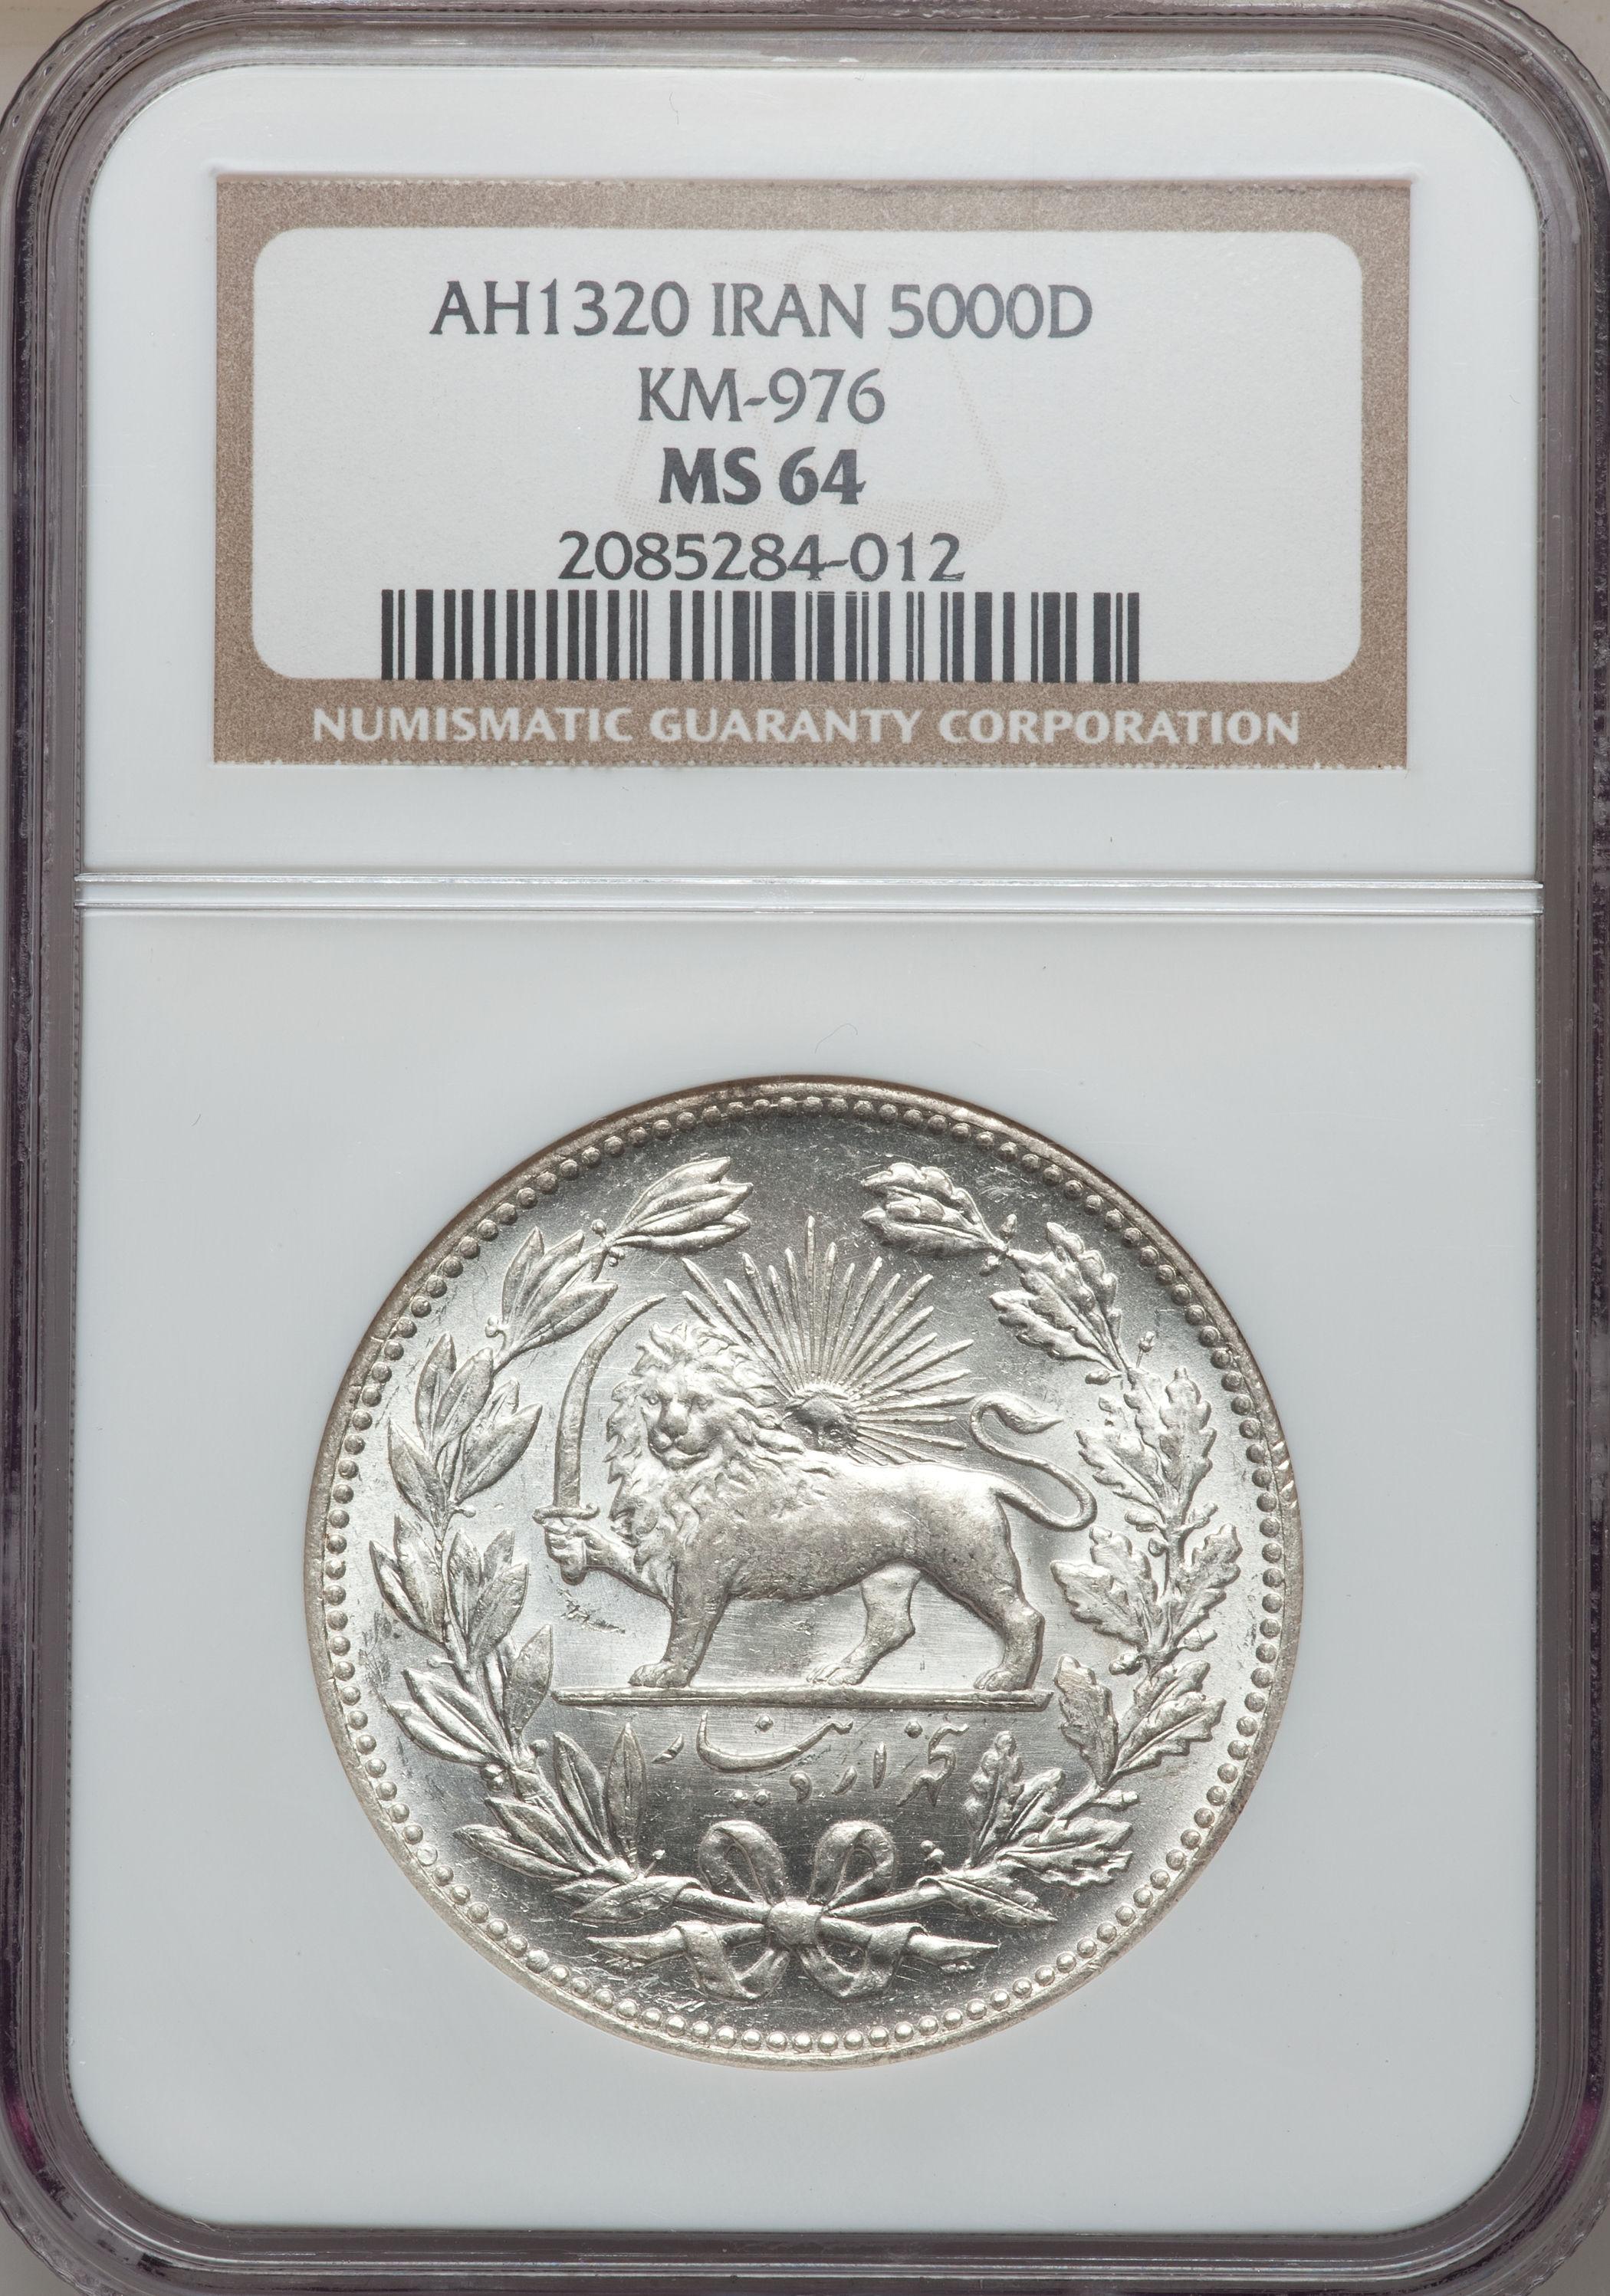 Iran: Muzaffar al-Din Shah 5000 Dinars AH1320 (1902) 10951451285_d560072544_o